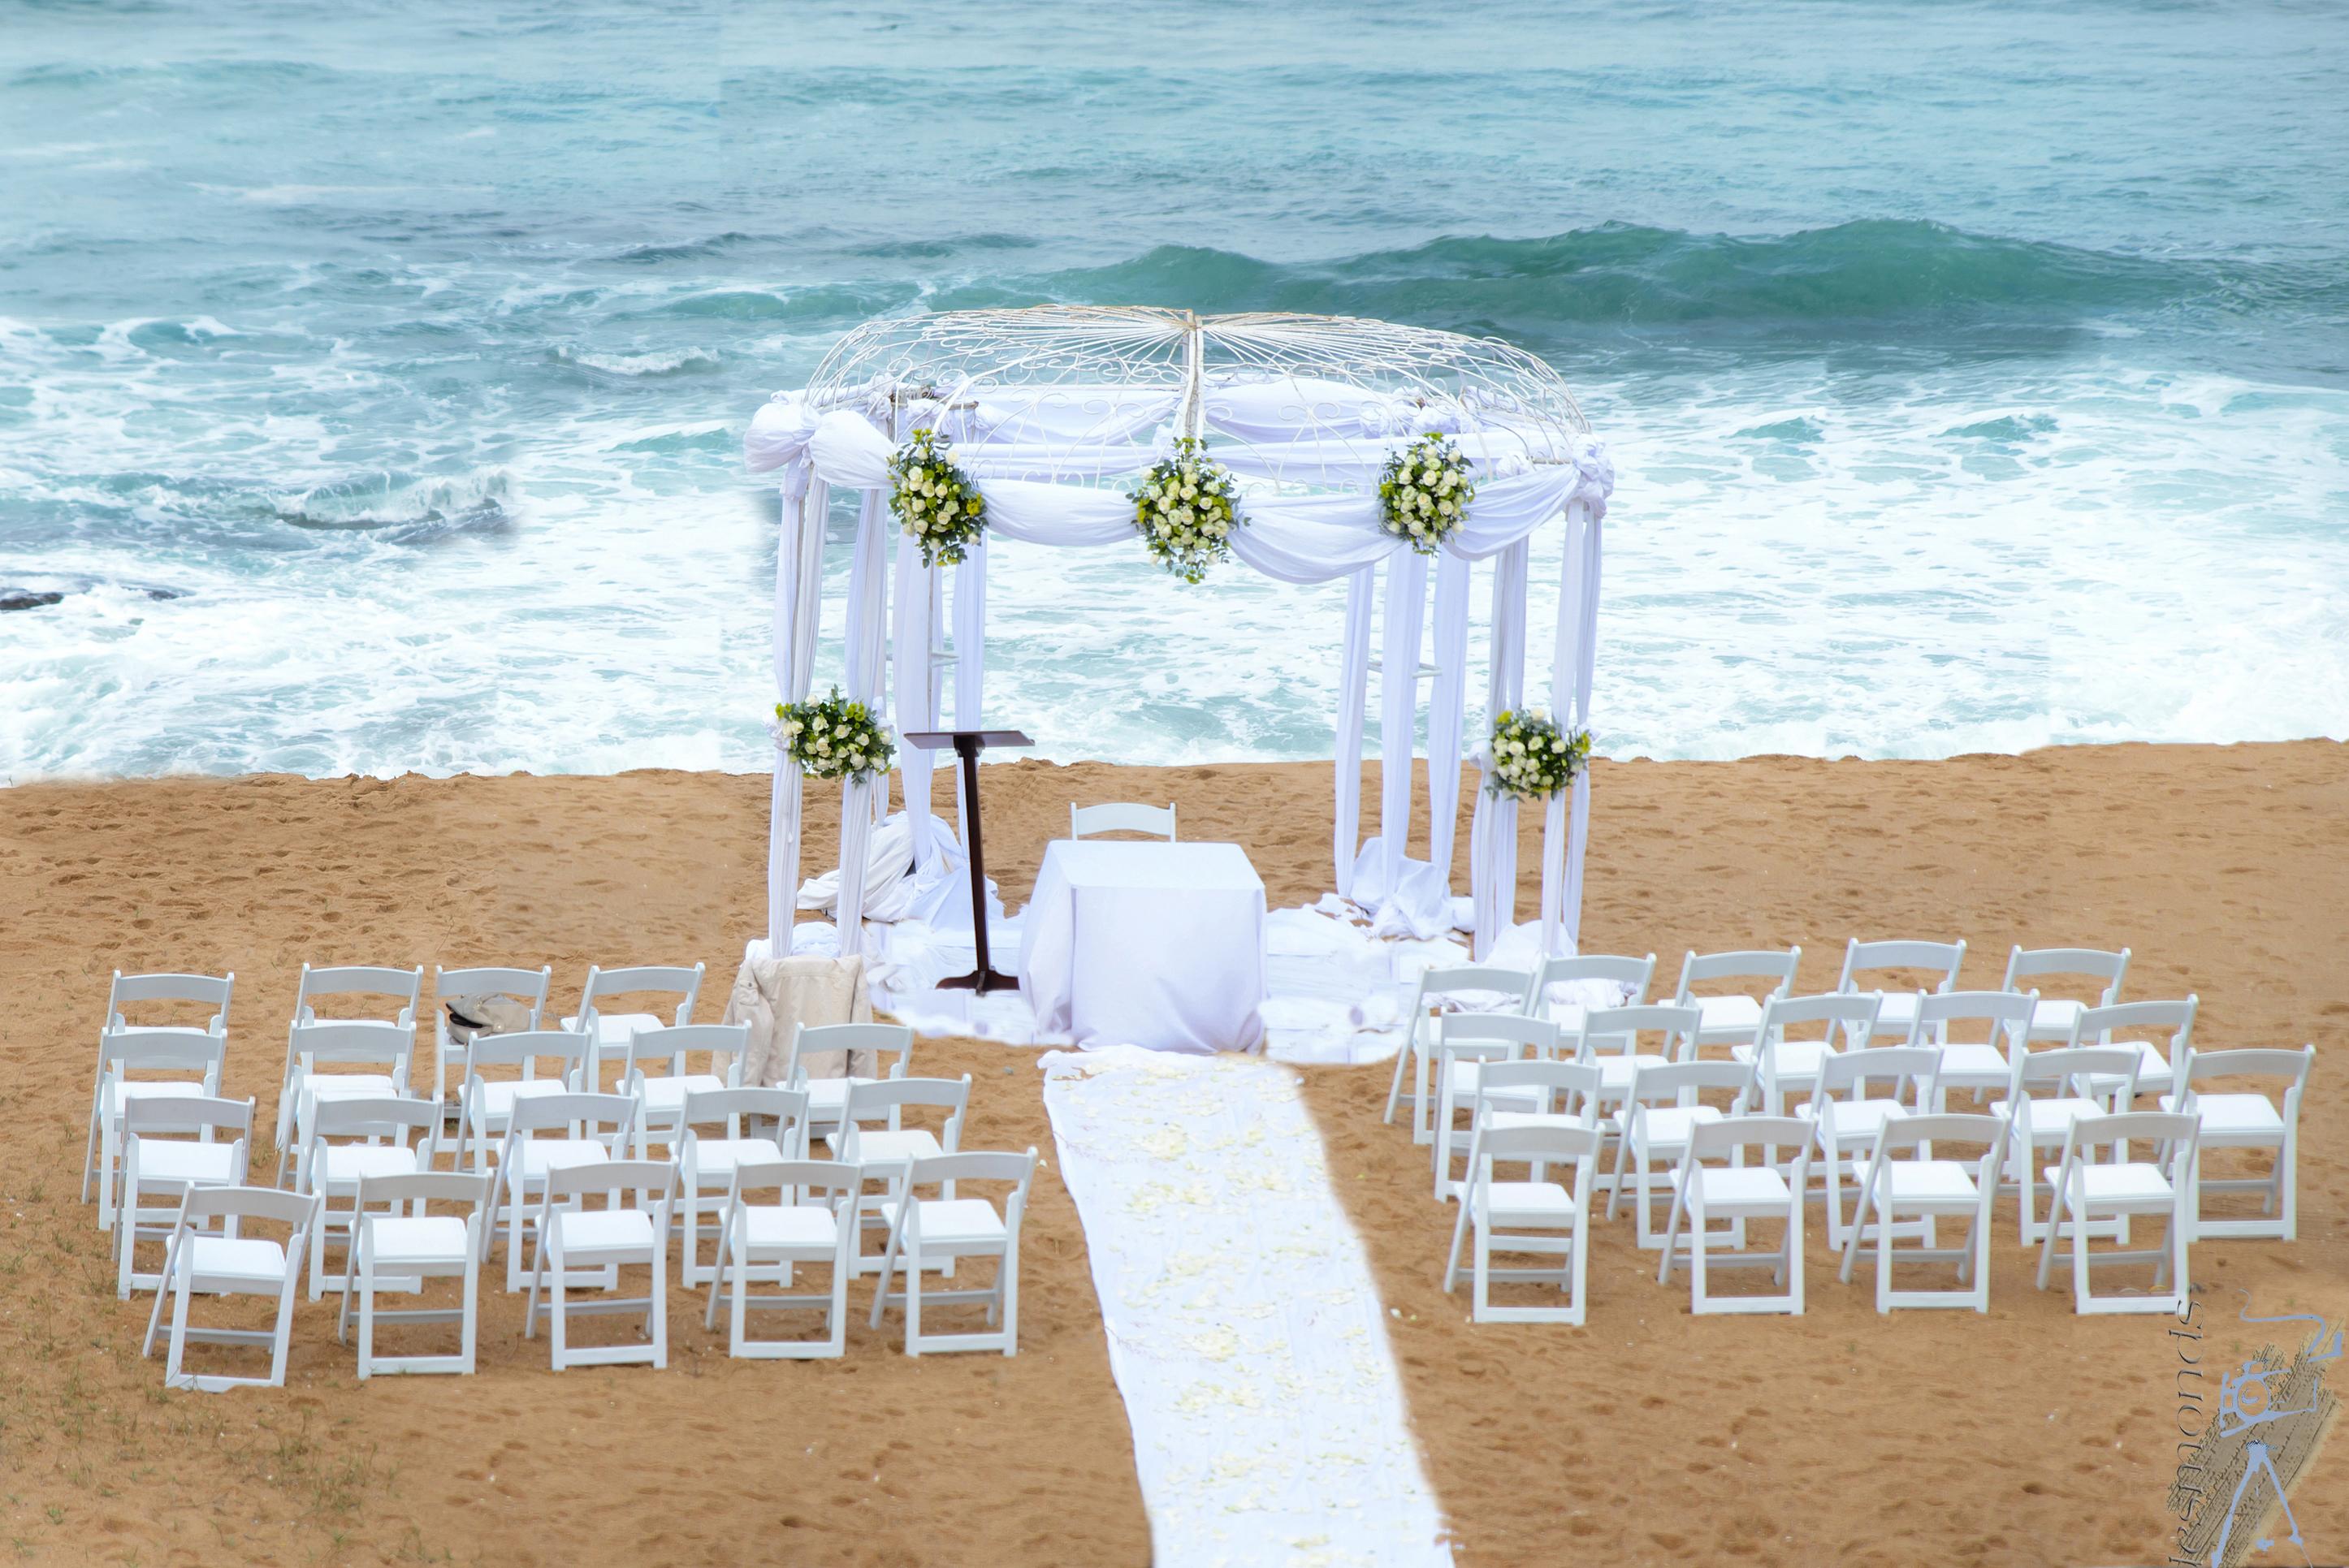 Wedding Halls In Durban - Unique Wedding Ideas